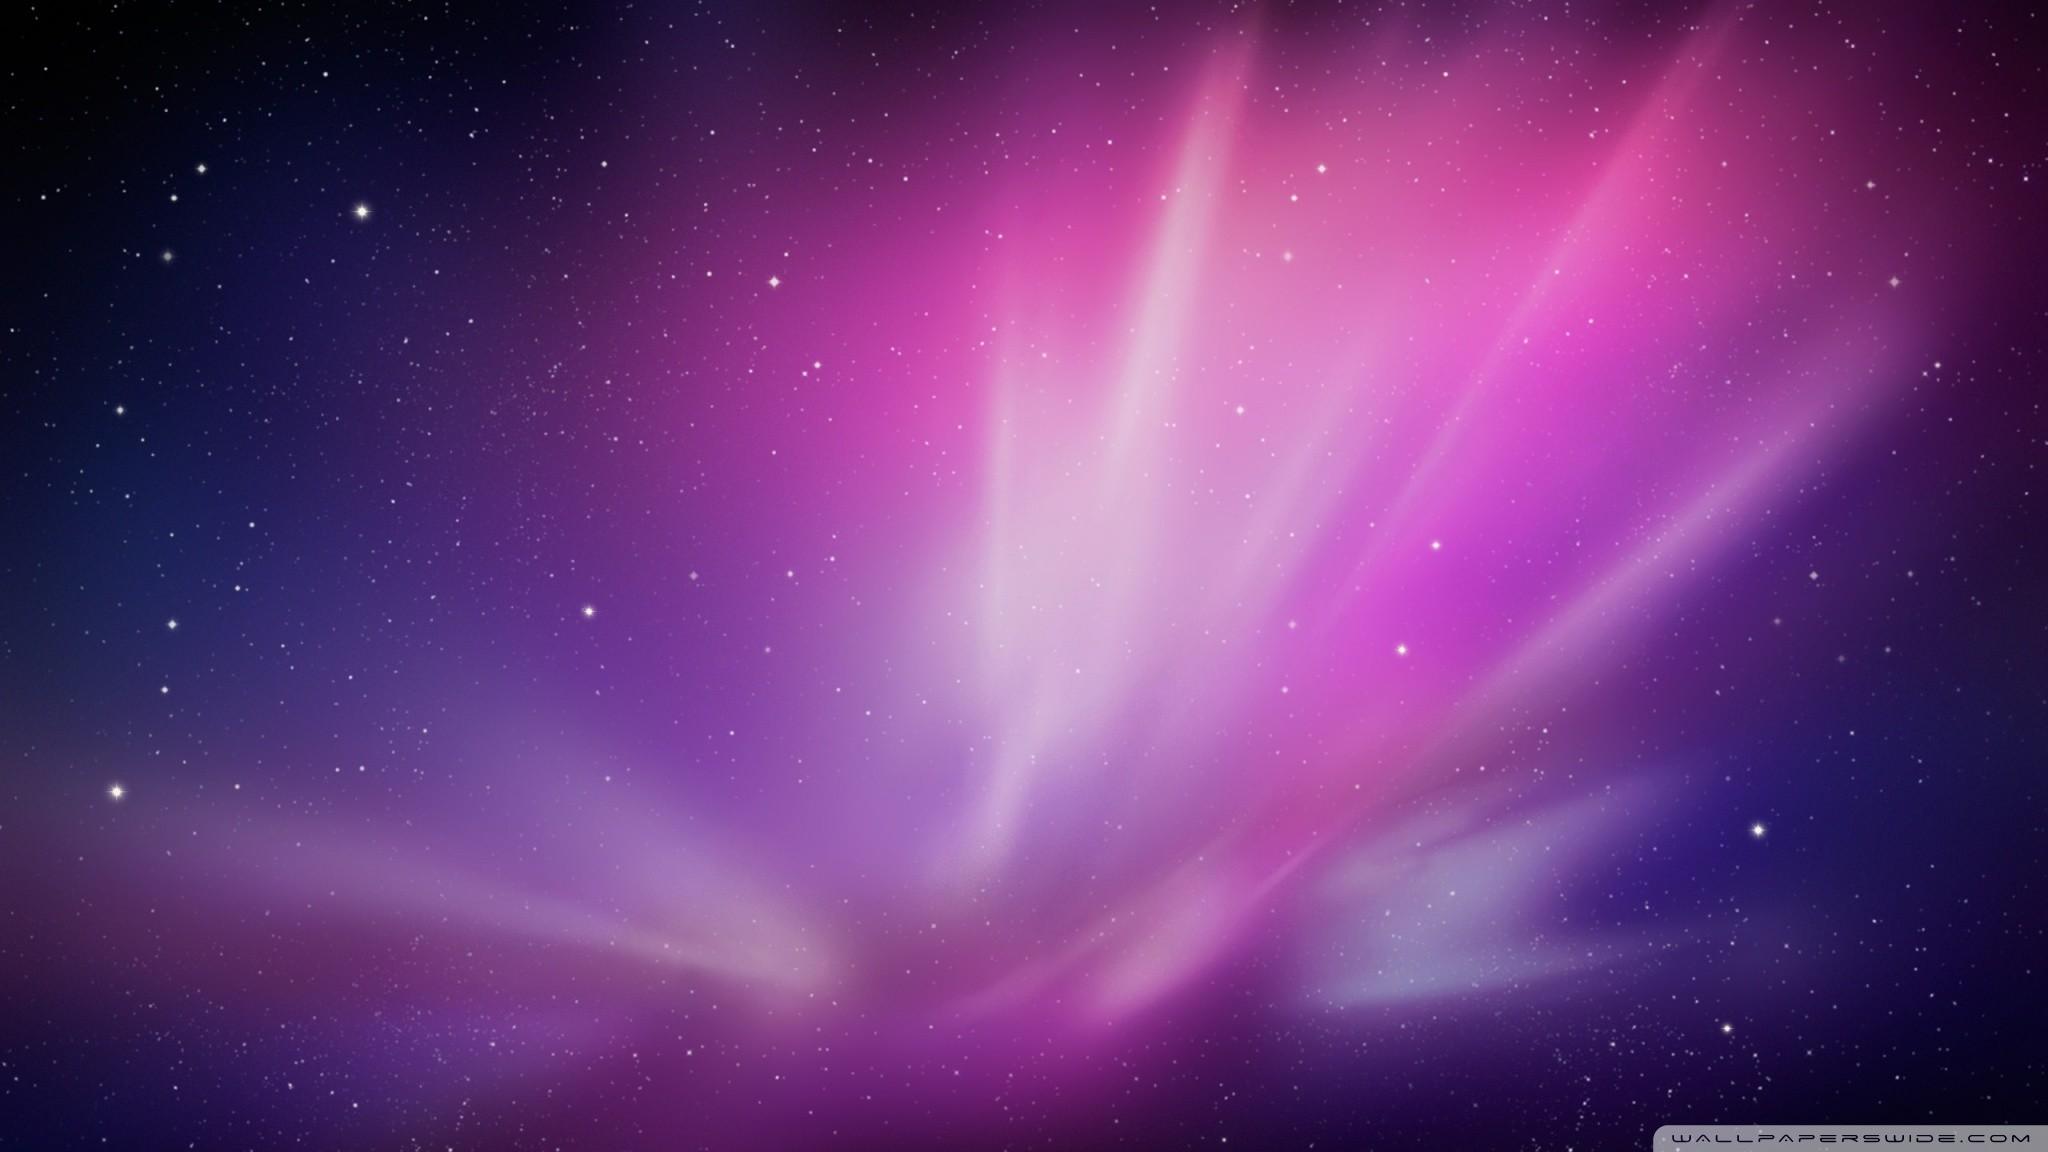 Sfondi hd mac 73 immagini for Immagini hd apple